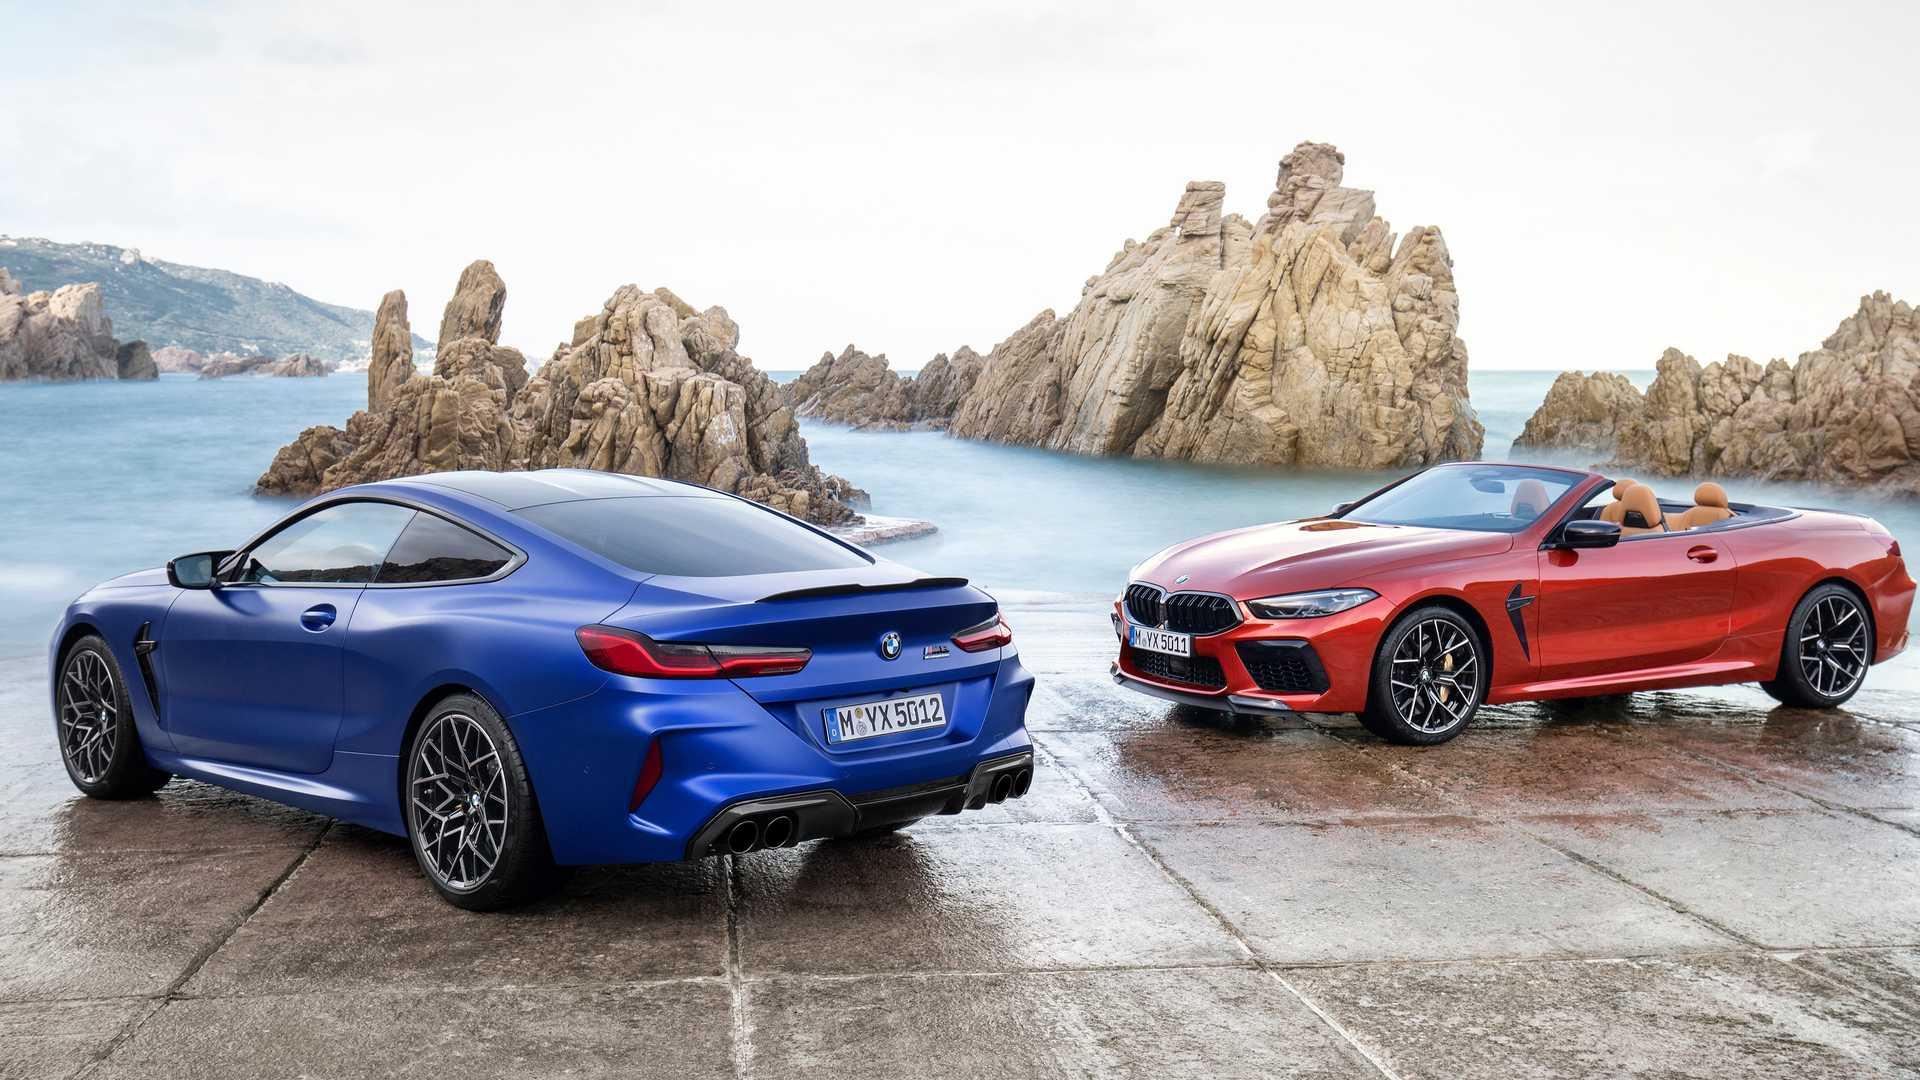 2020 BMW M8 Convertible Los 20 mejores modelos de autos convertibles para 2020